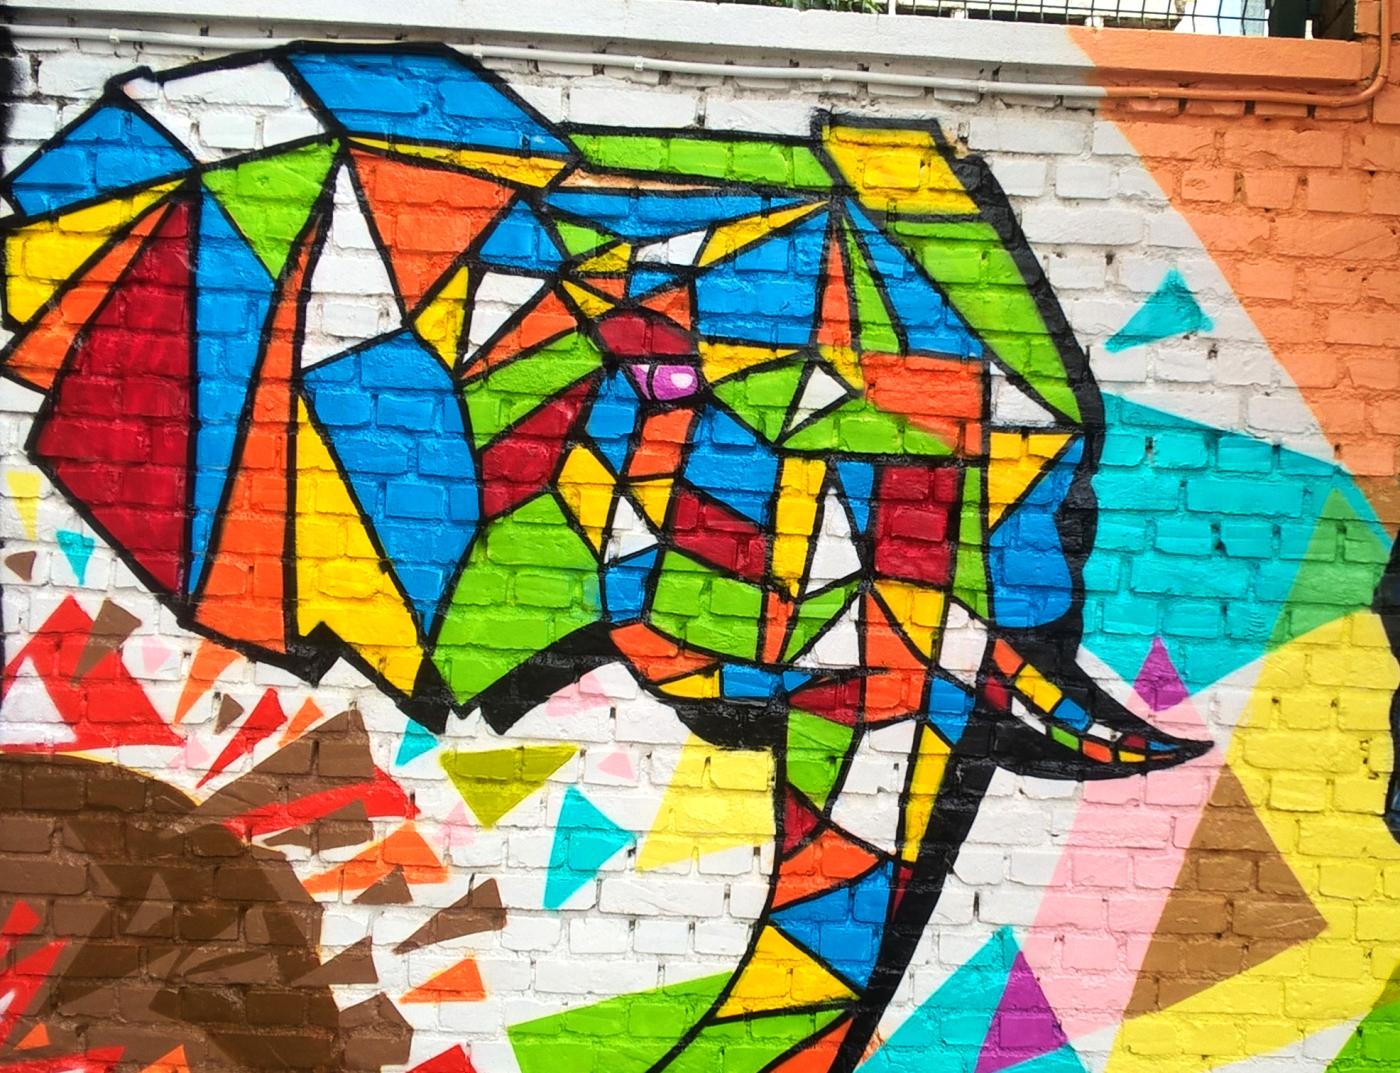 Graffiti-Dans-3-ecoles-primaires-noeux-les-mines-010